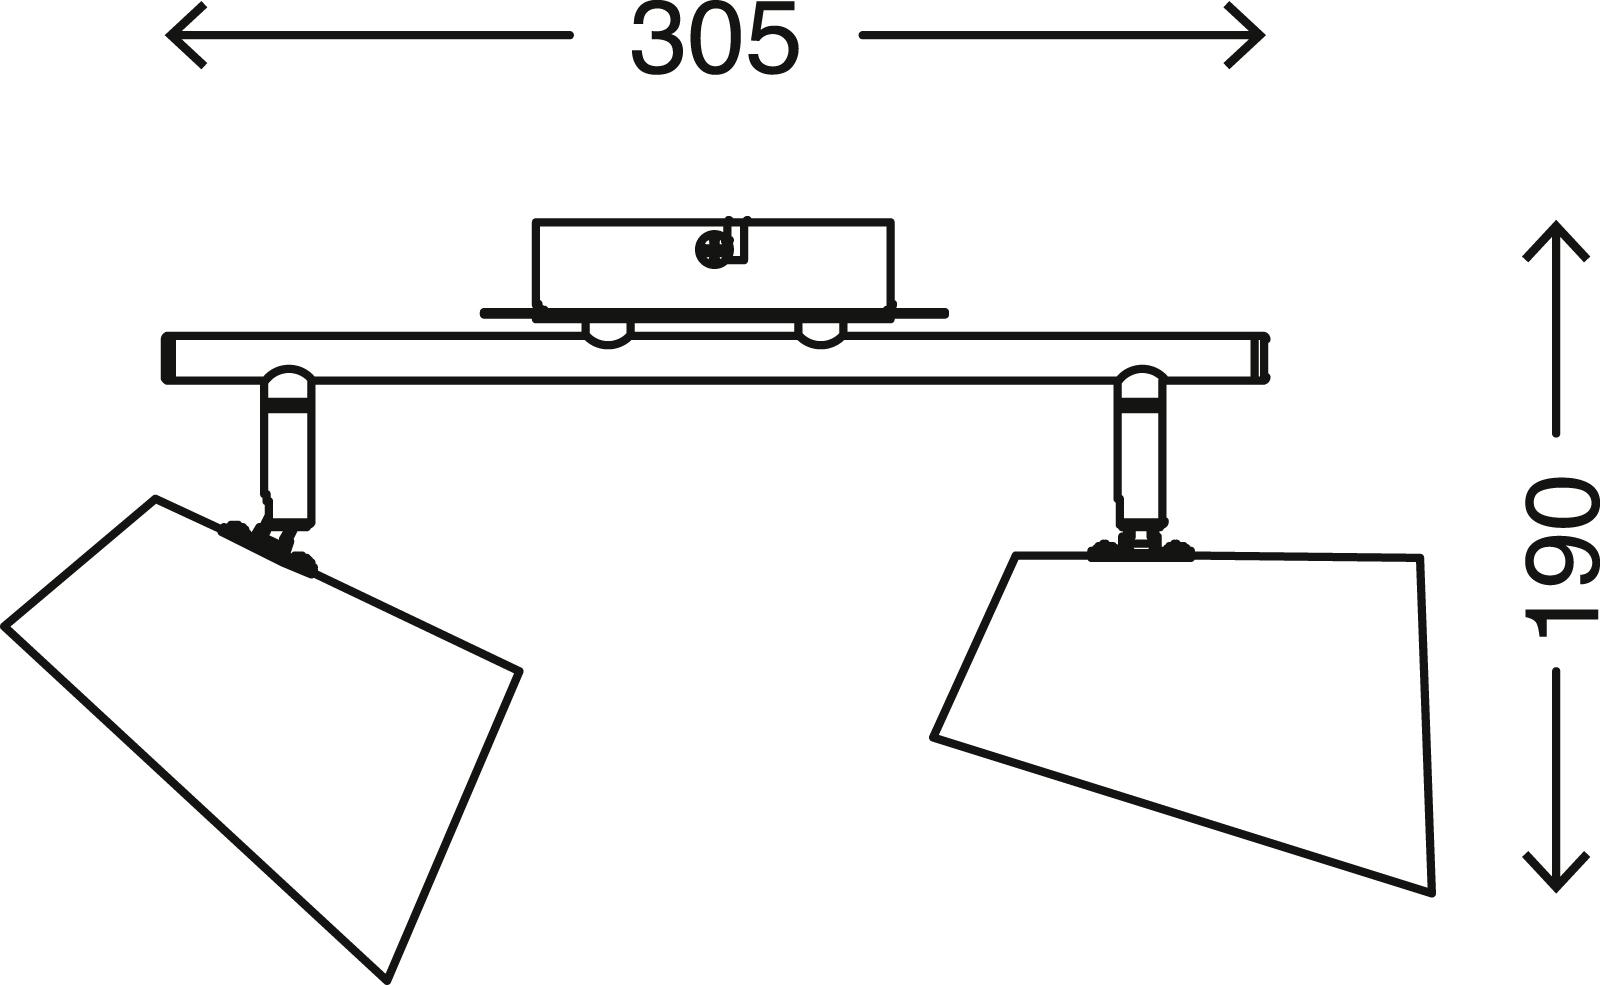 LED Spot Deckenleuchte, 30,5 cm, max. 40 W, Weiss-Schwarz